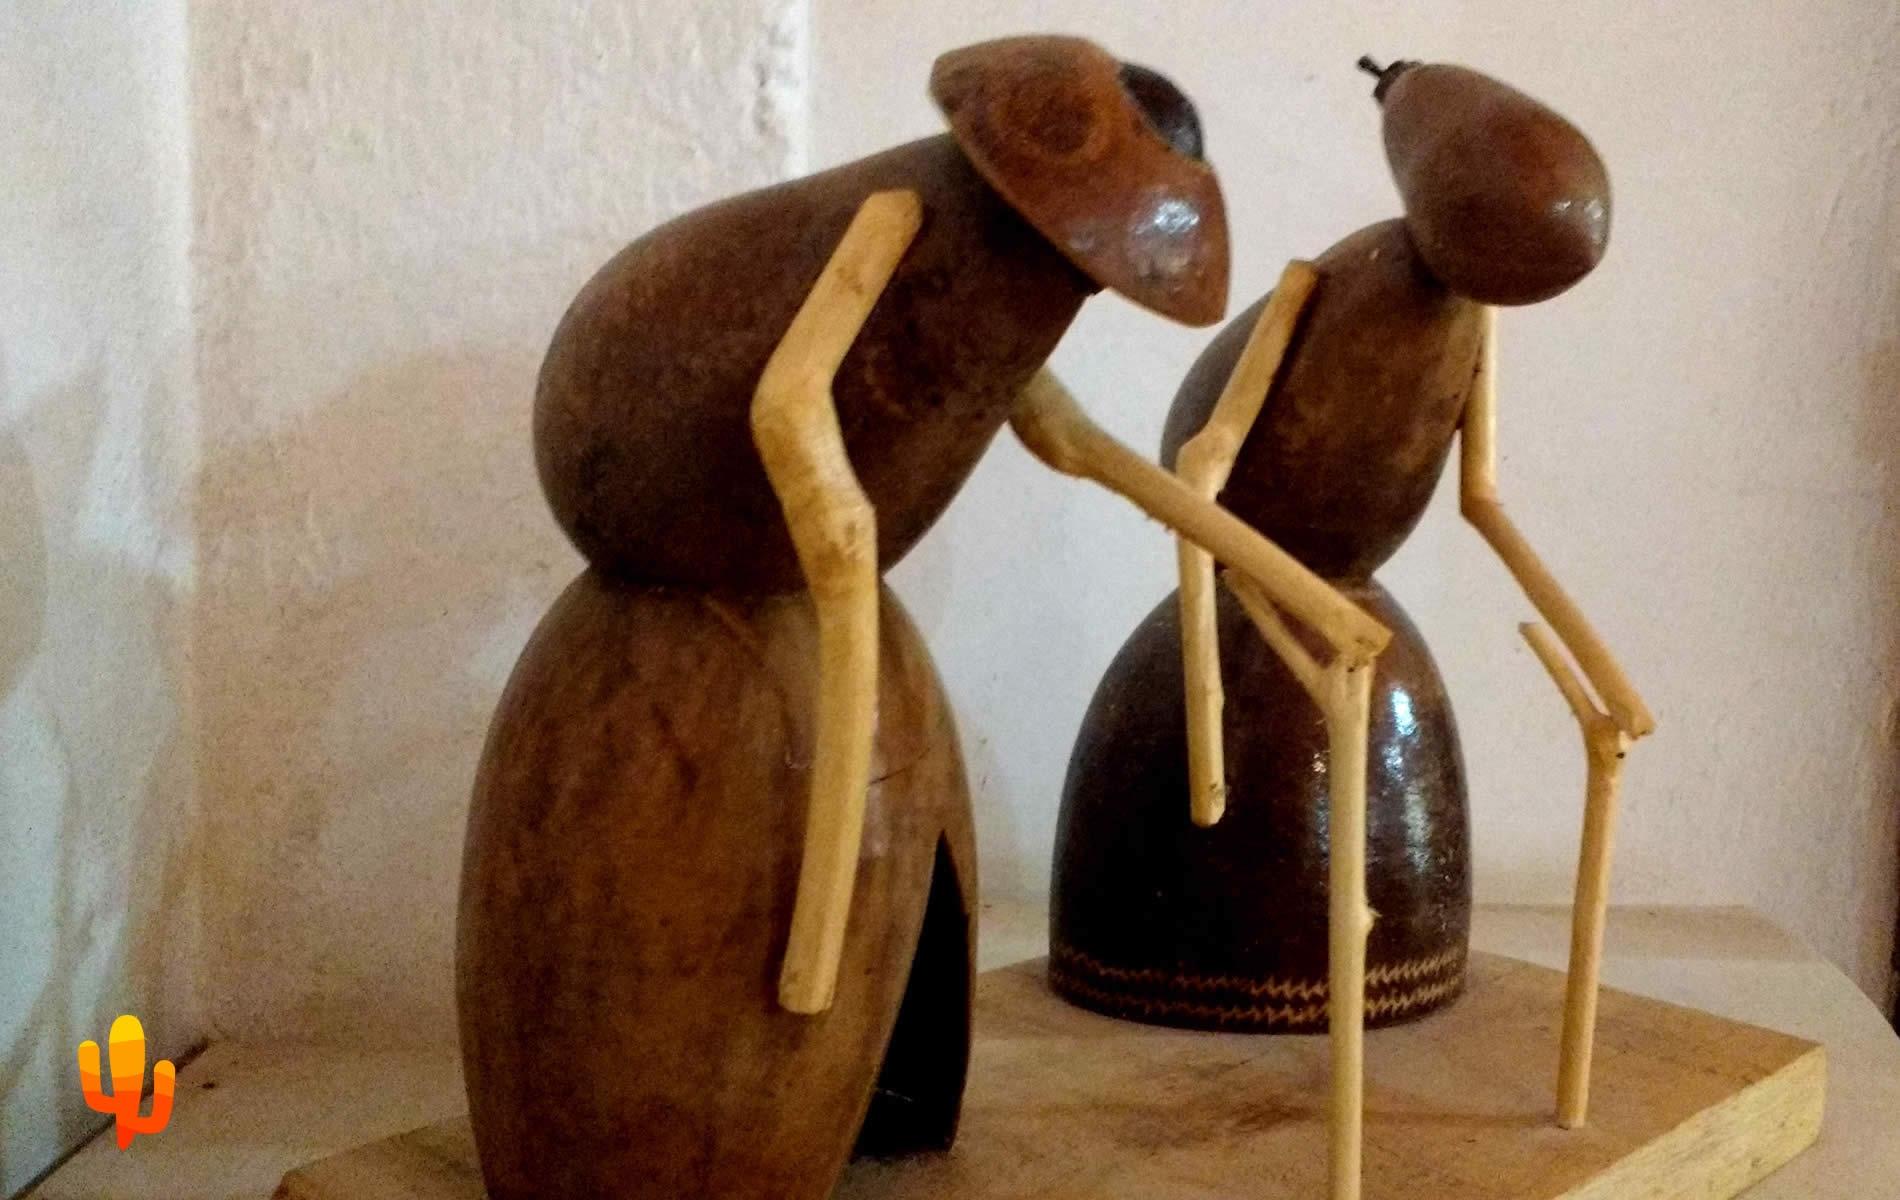 Visita al Museo Artesanal La Casa del Totumo